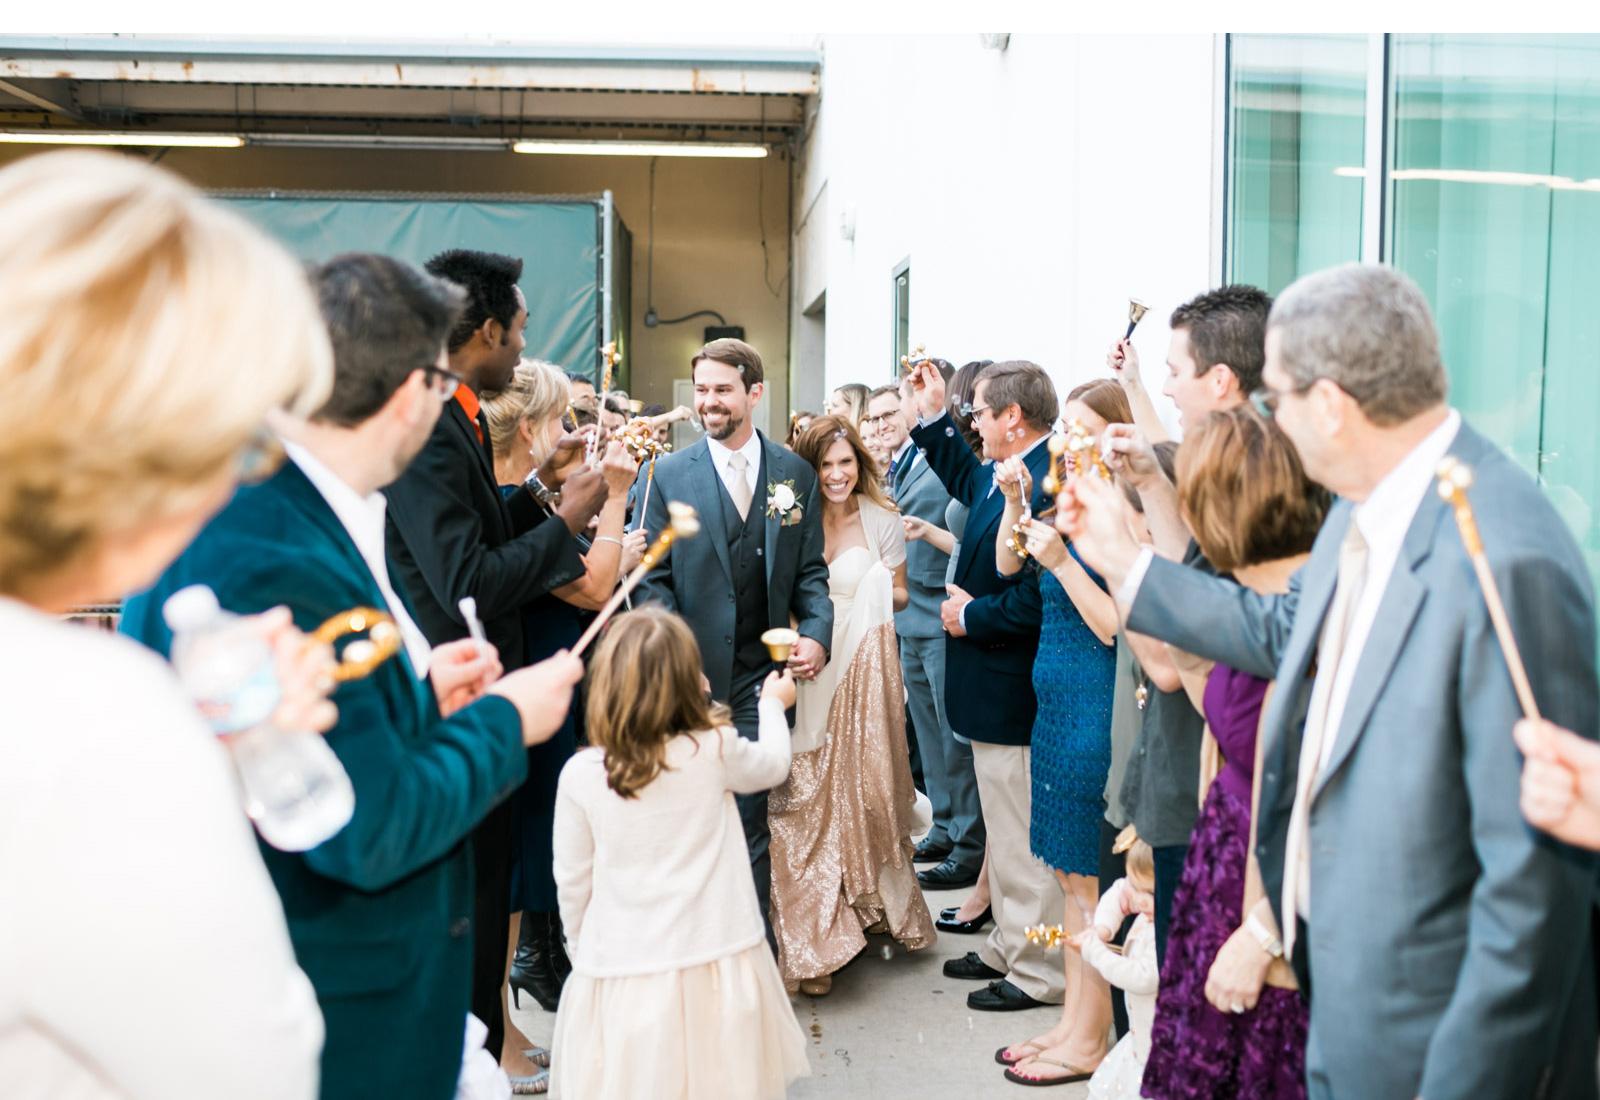 Orange-County-Wedding-Natalie-Schutt-Photography_03.jpg